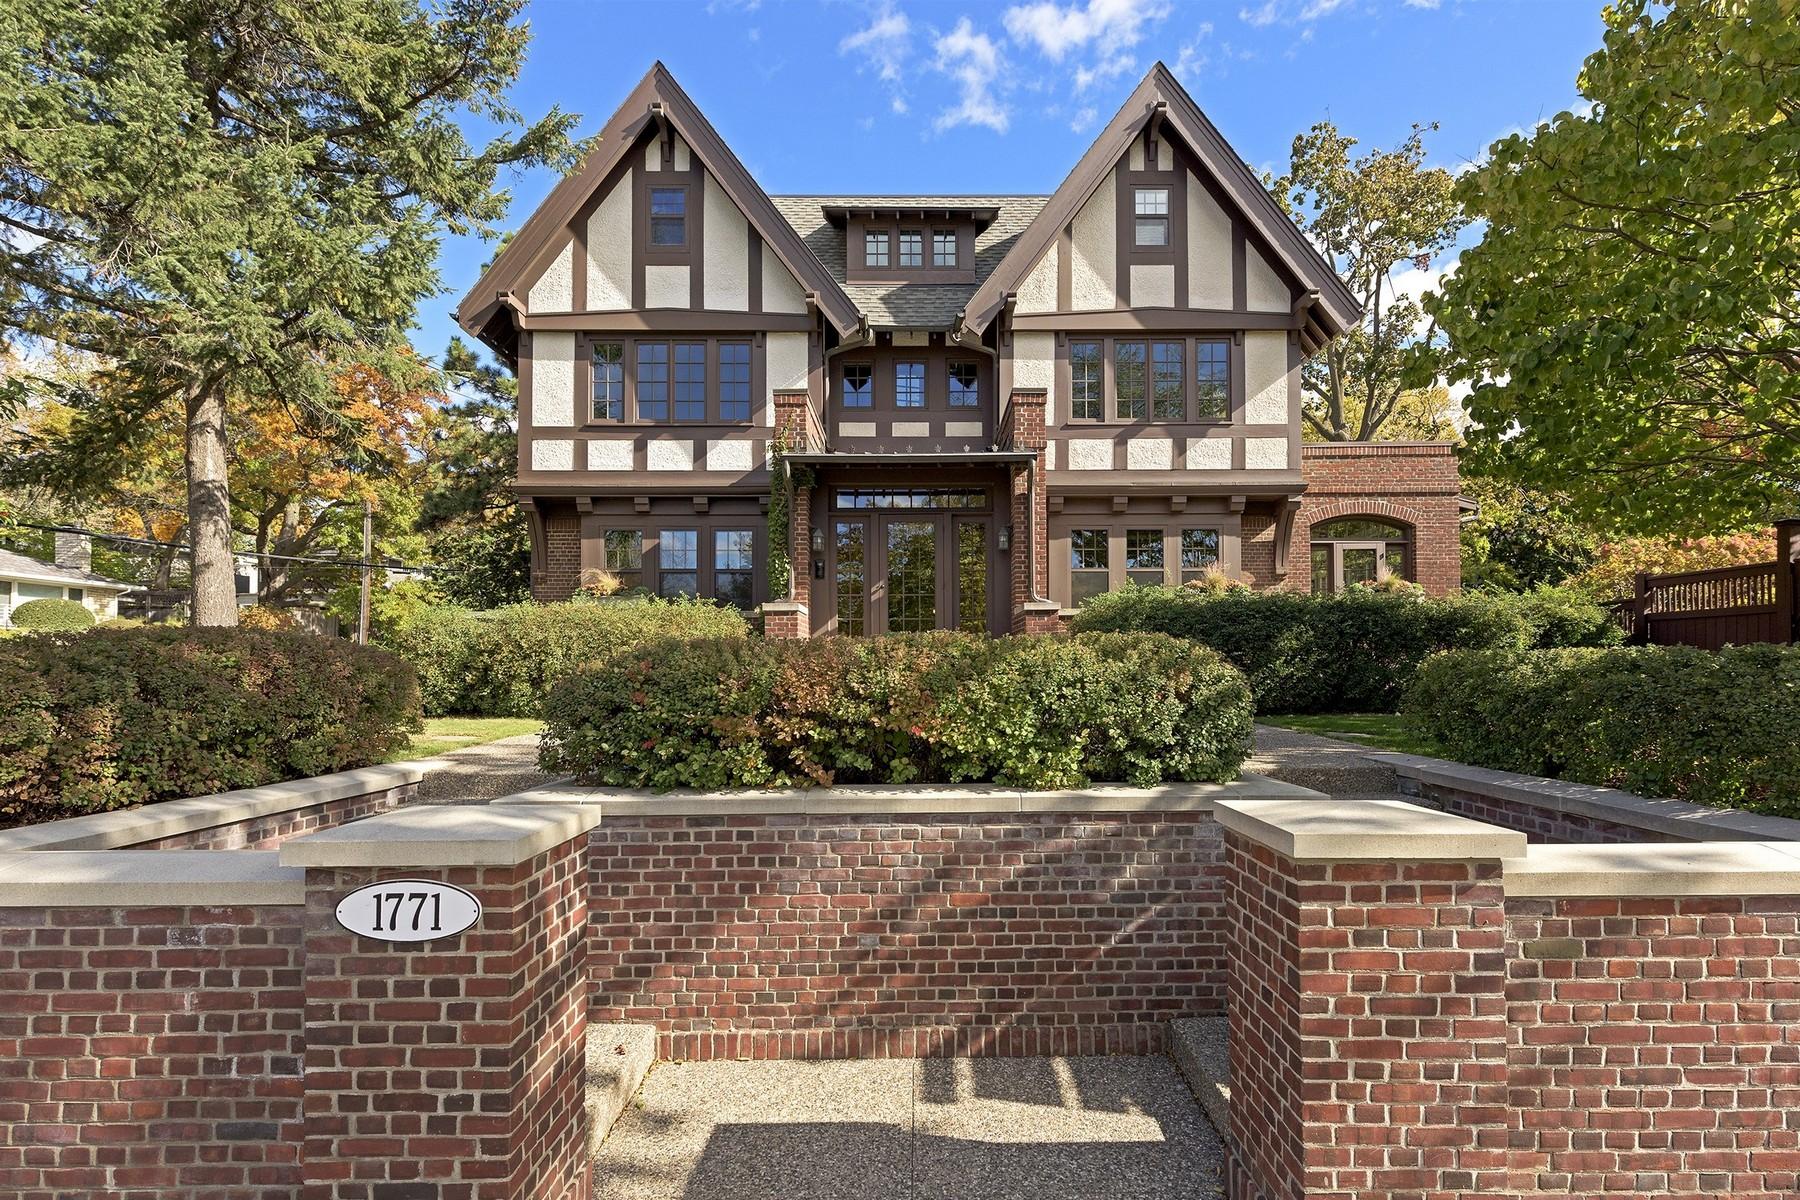 Nhà ở một gia đình vì Bán tại 1771 Logan Avenue S Minneapolis, Minnesota 55403 Hoa Kỳ